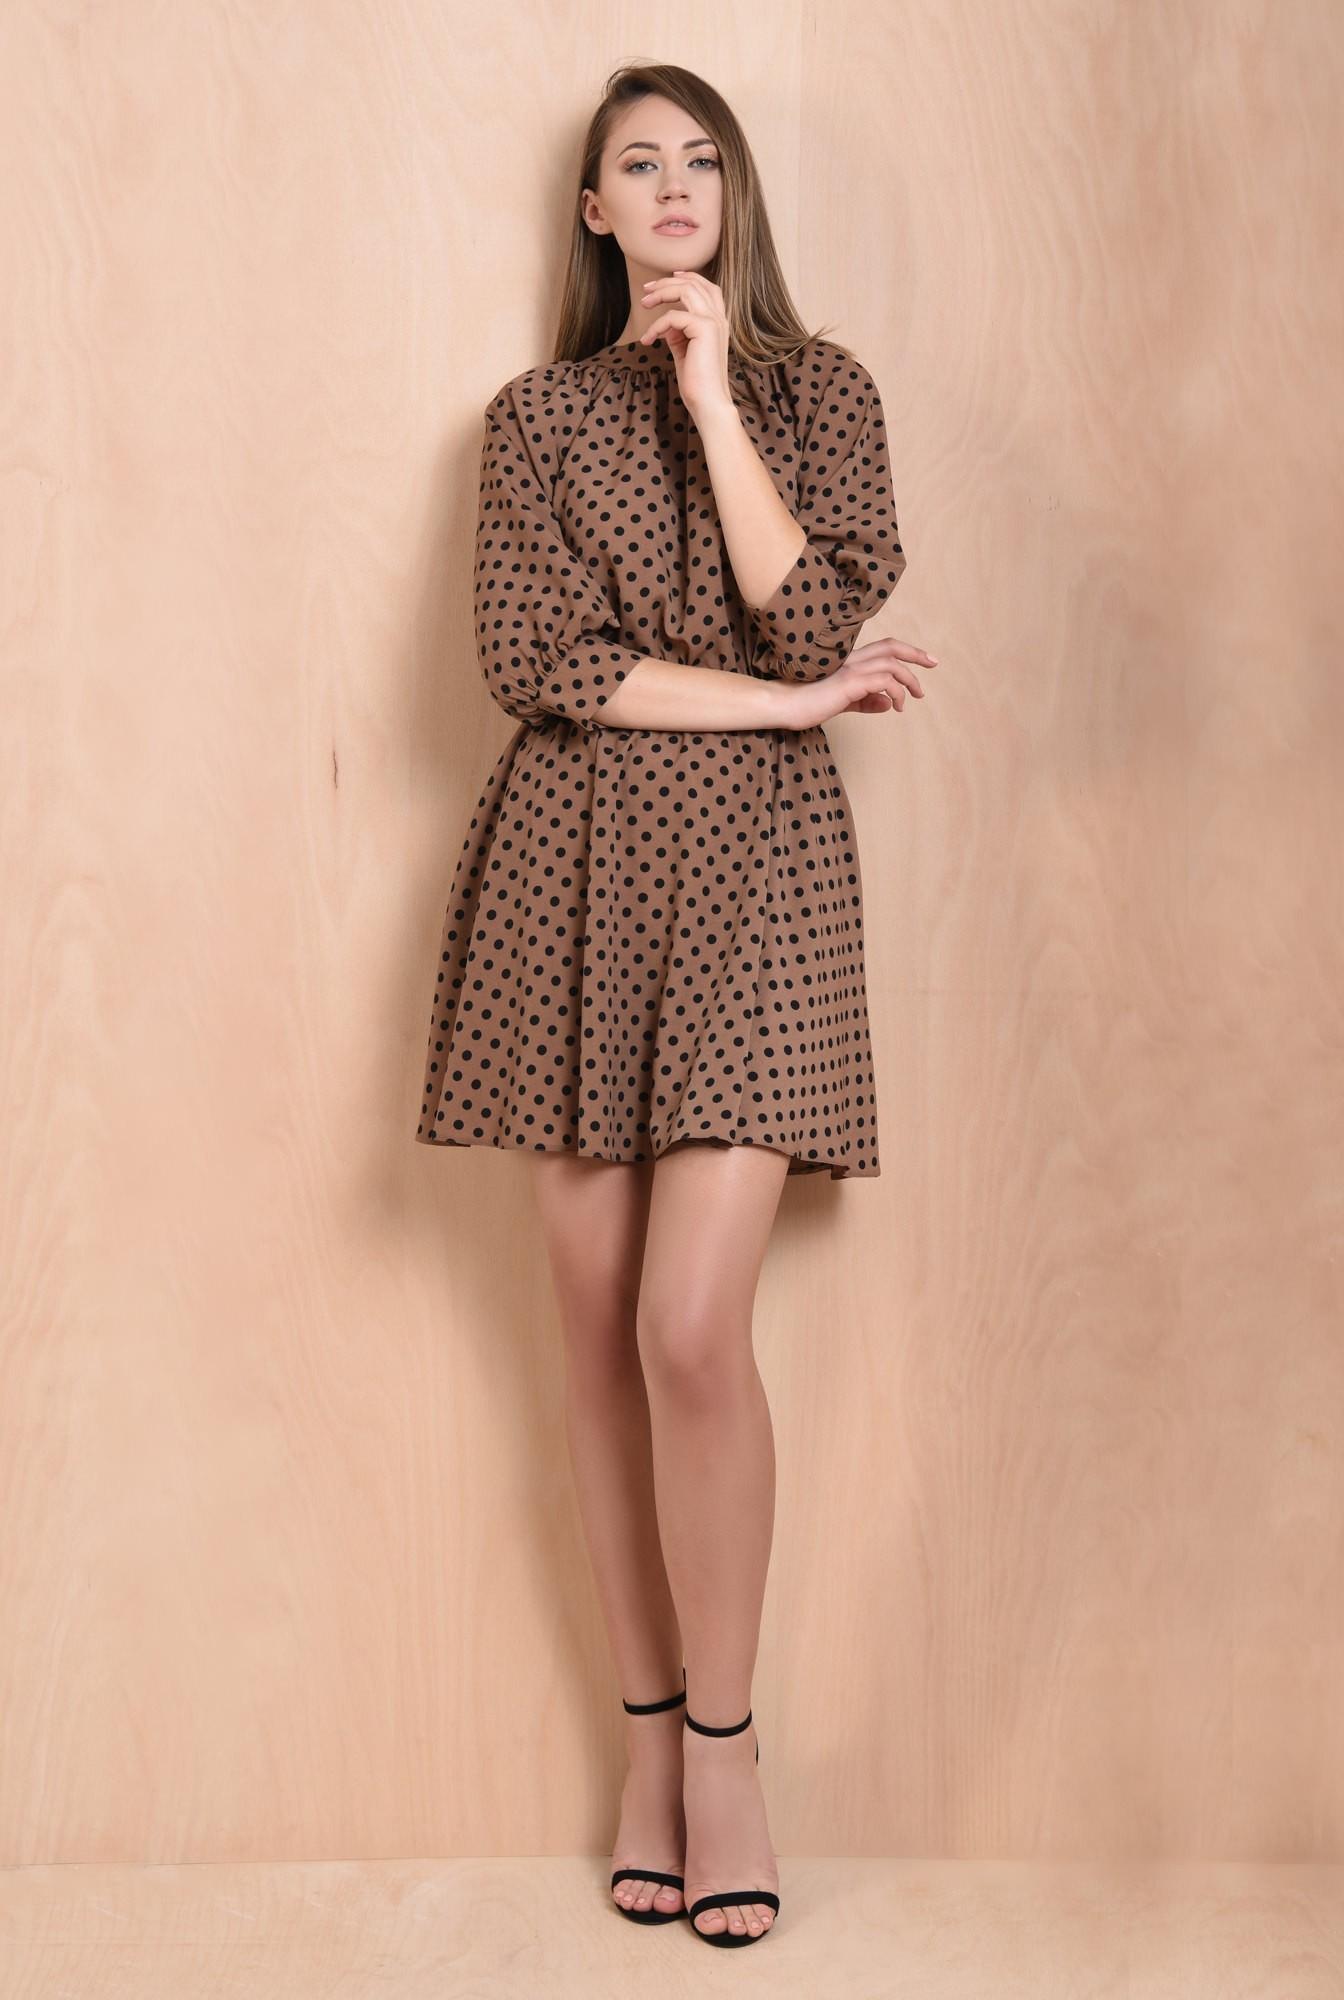 0 - rochie cu imprimeu, scurta, clos, maro, cu guler, elastic in talie